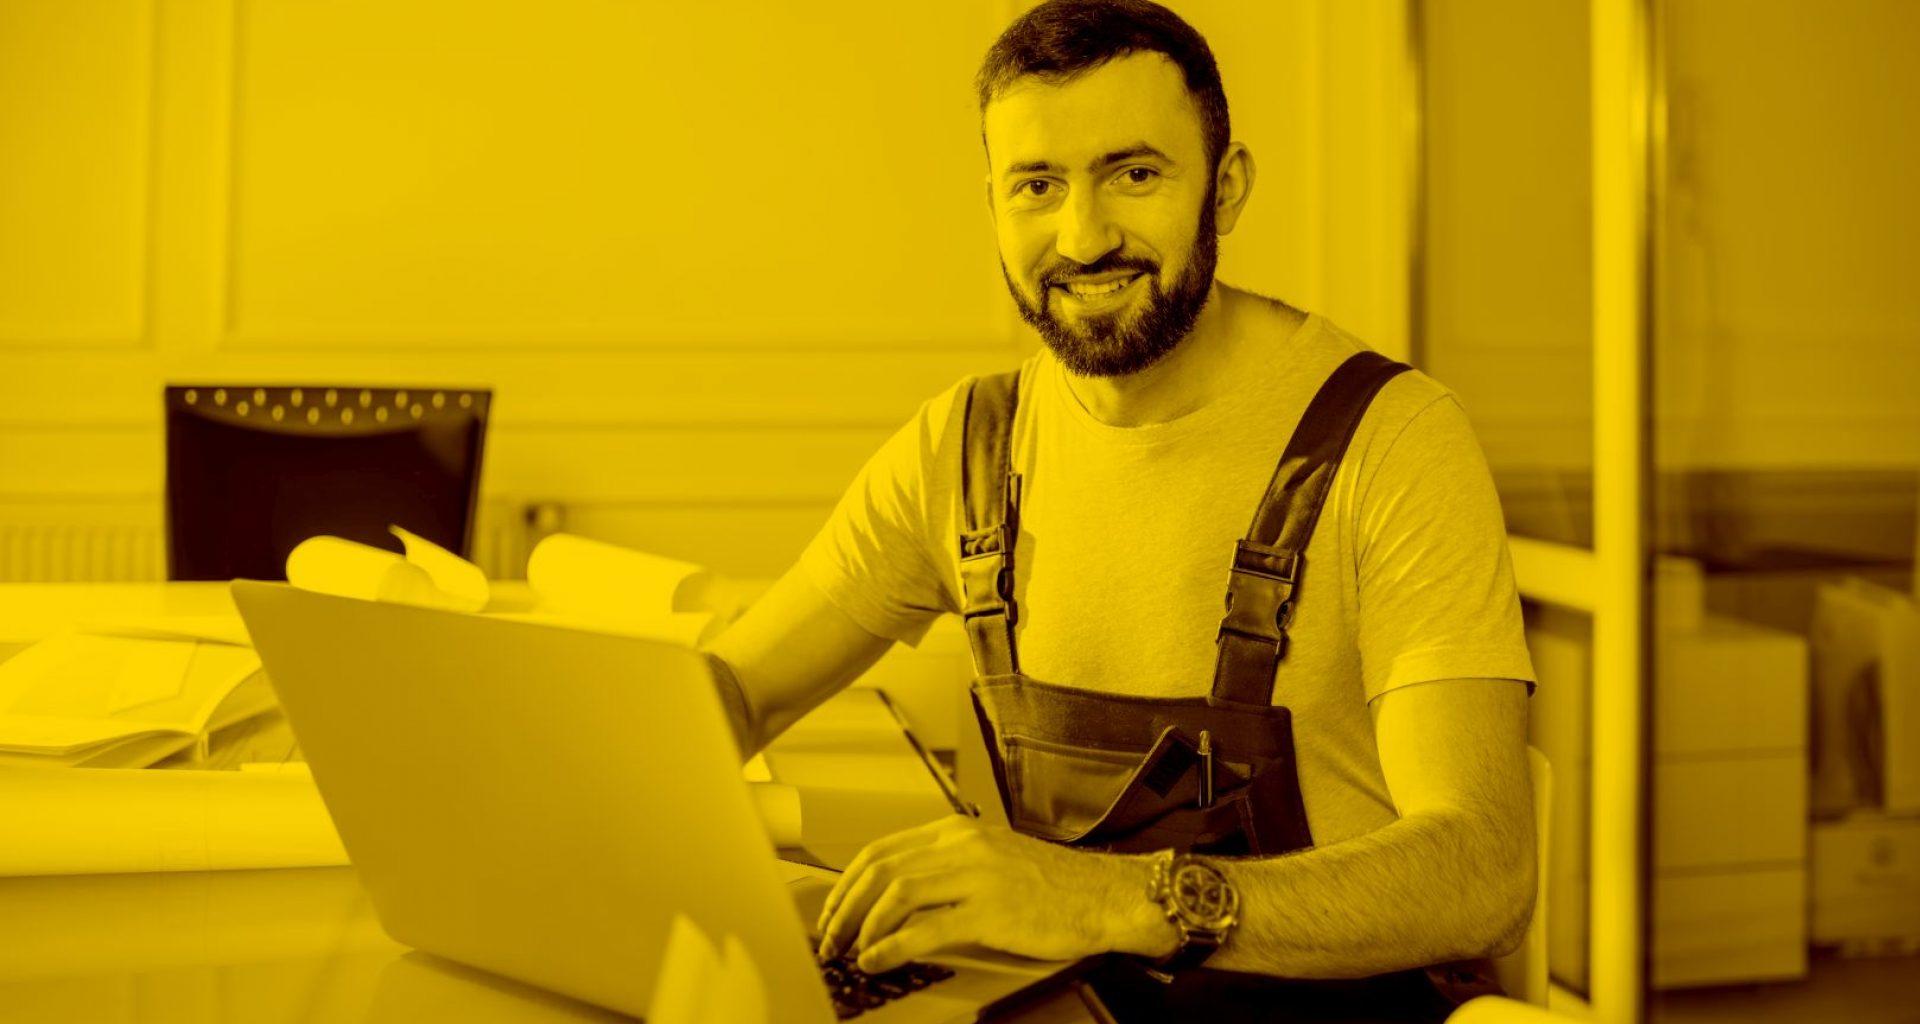 Maler arbeitet mit WinWorker auf seinem Macbook